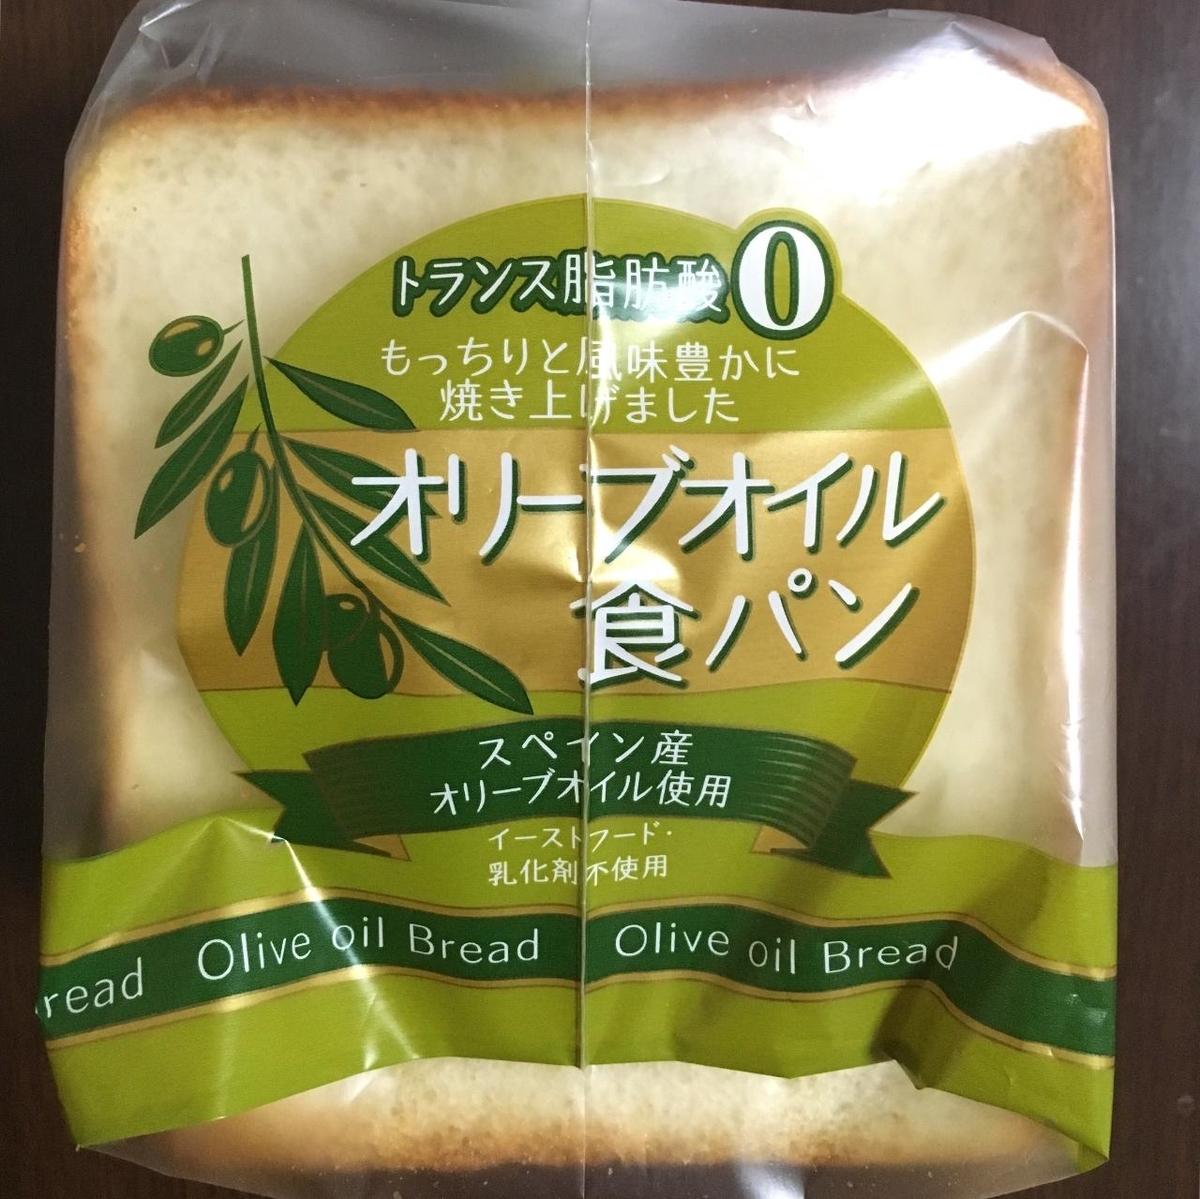 オリーブオイル食パン